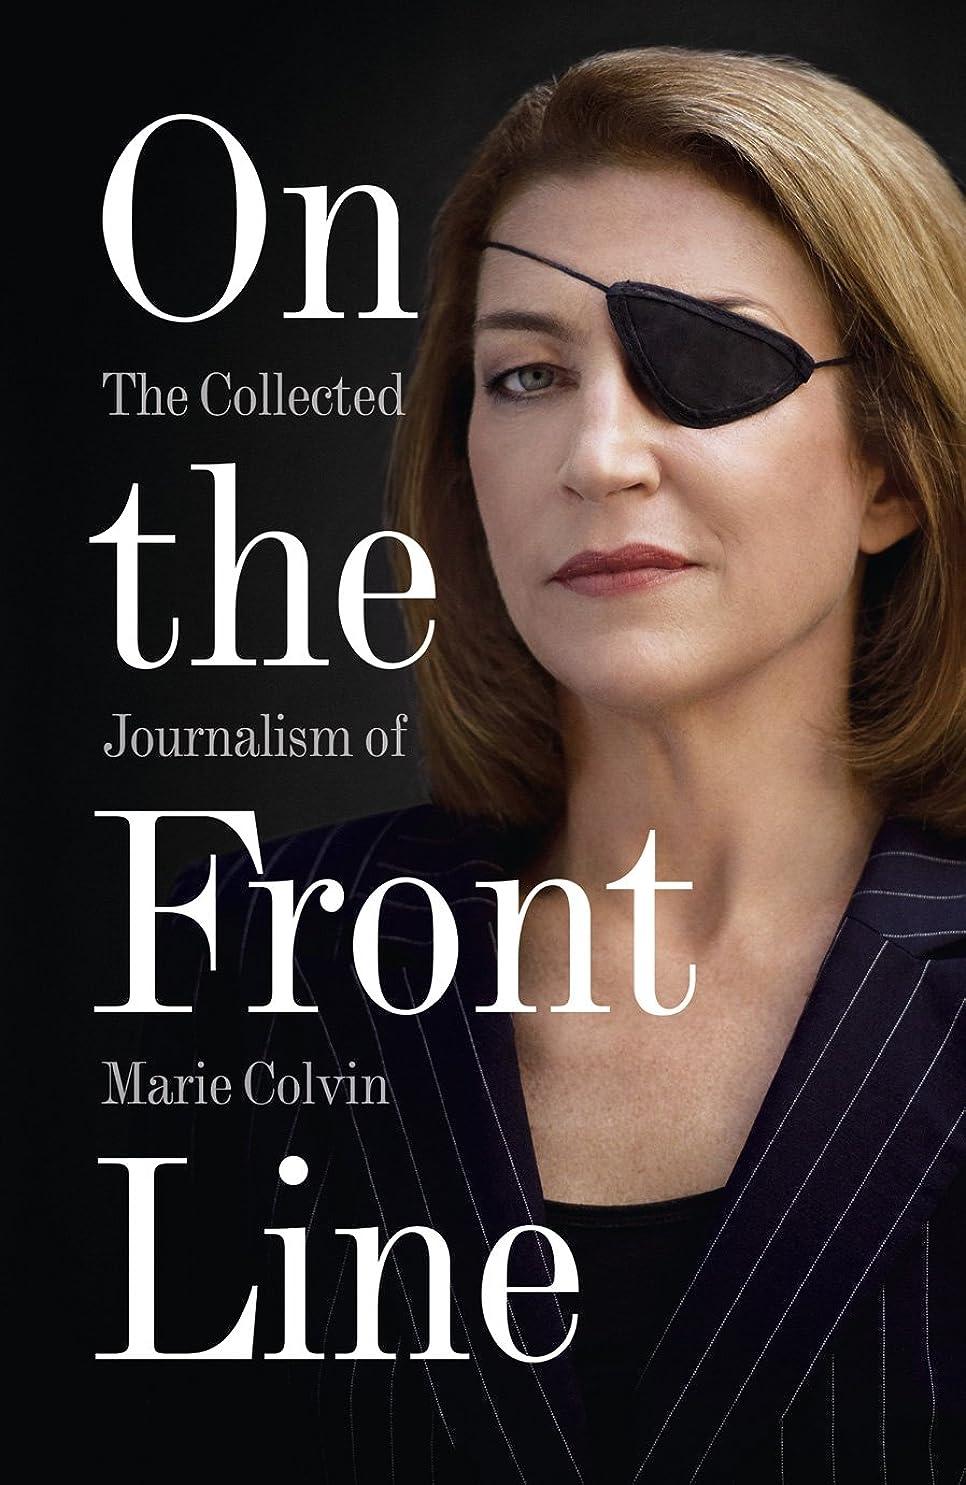 慢な機構お酒On the Front Line: The Collected Journalism of Marie Colvin (English Edition)